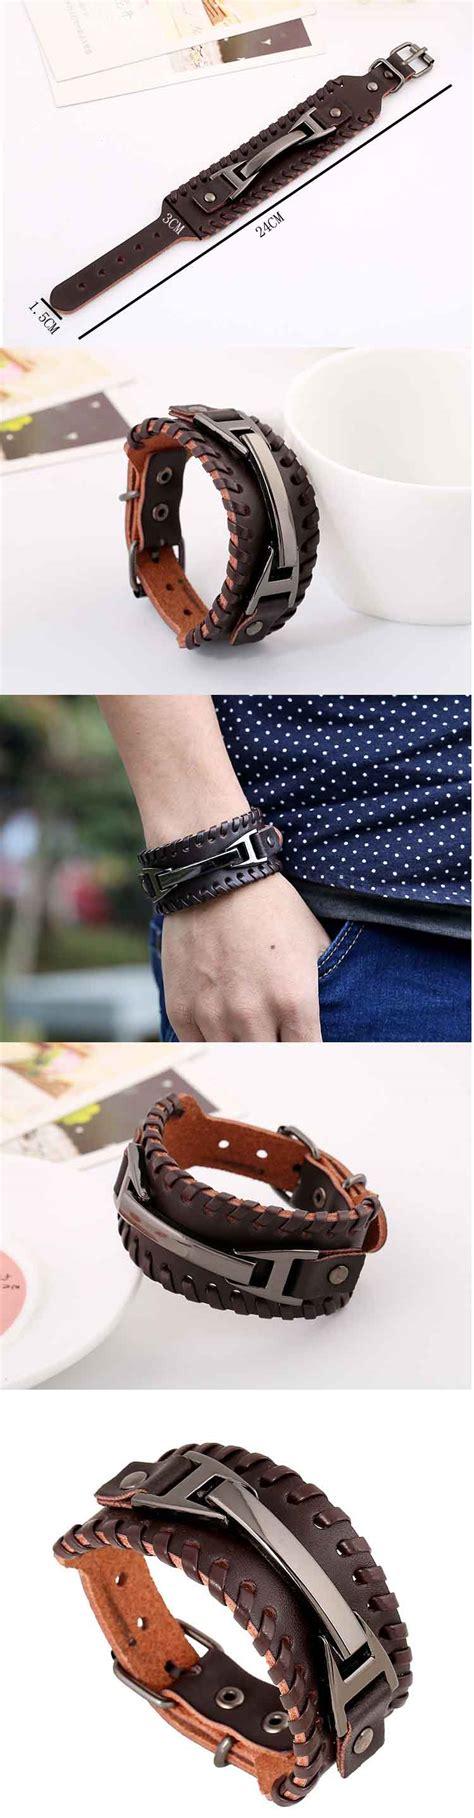 Gelang Kulit Naga Aksesoris Keren Import Impor Korea jual gelang pria kulit